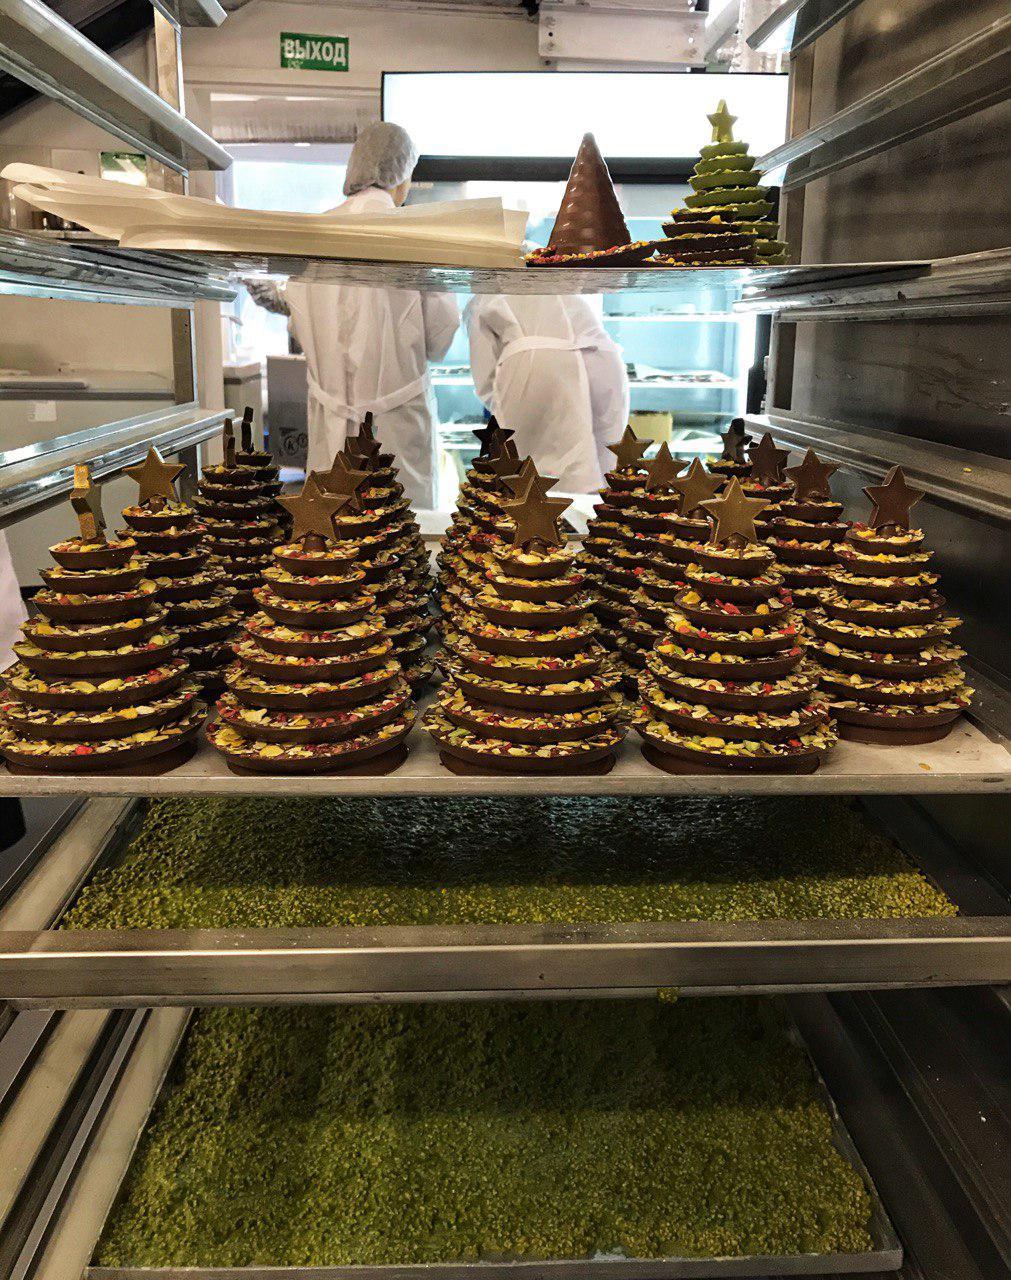 Шоколадные елочки готовы и вот-вот станут вкусным подарком для кого-то